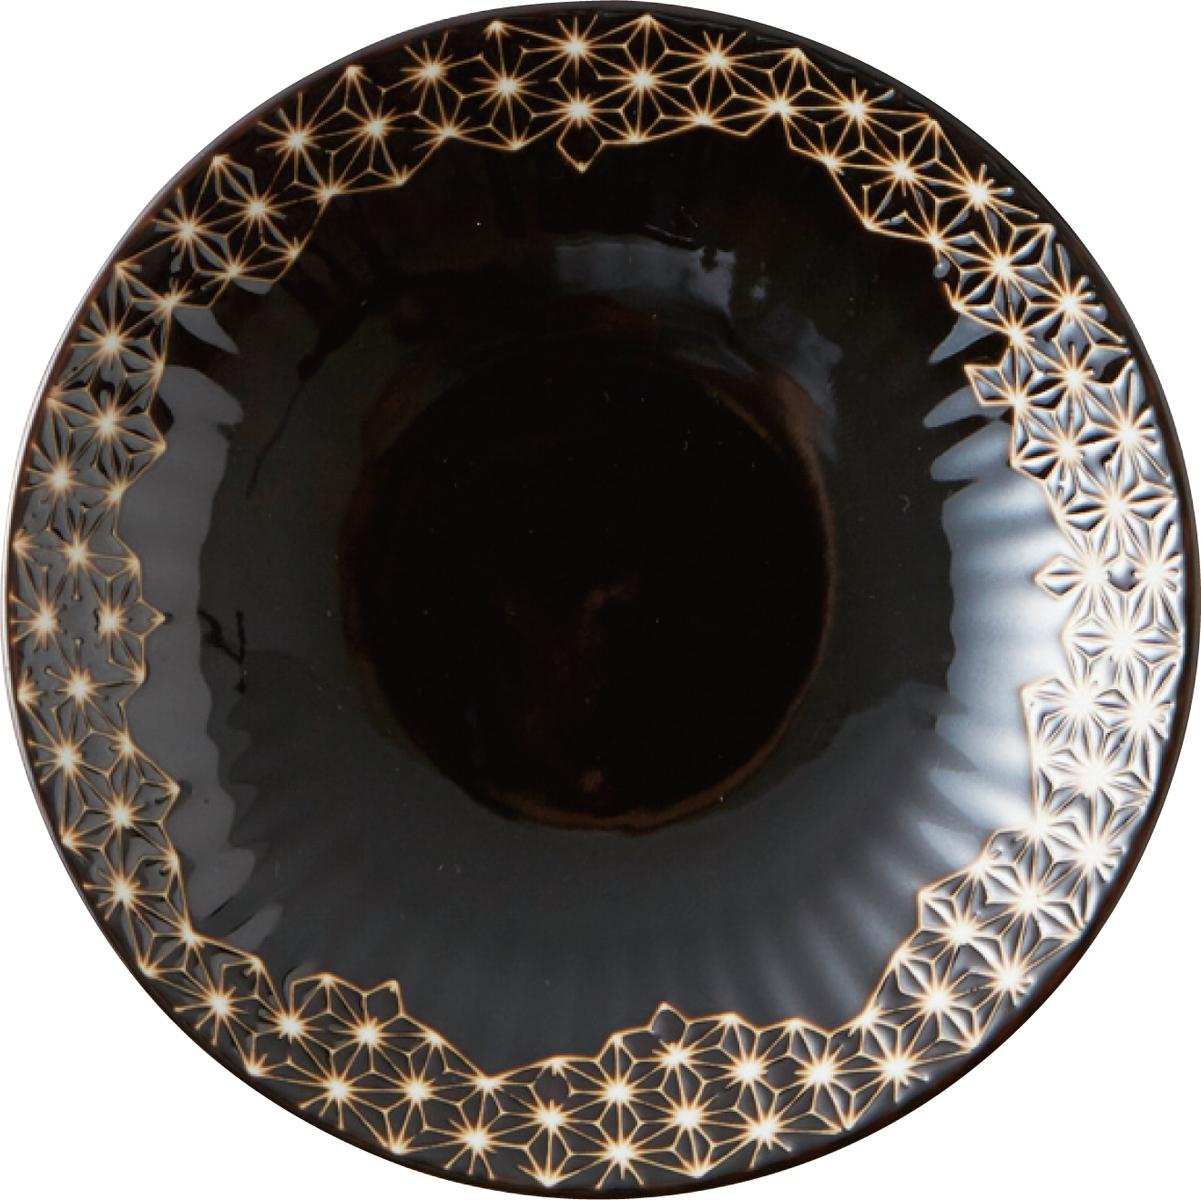 一般磁器より約30%軽い 年間定番 うすかる シリーズ電子レンジ 食洗機 OK 美濃焼 安心の定価販売 日本製 17cm皿 麻の葉 白磁